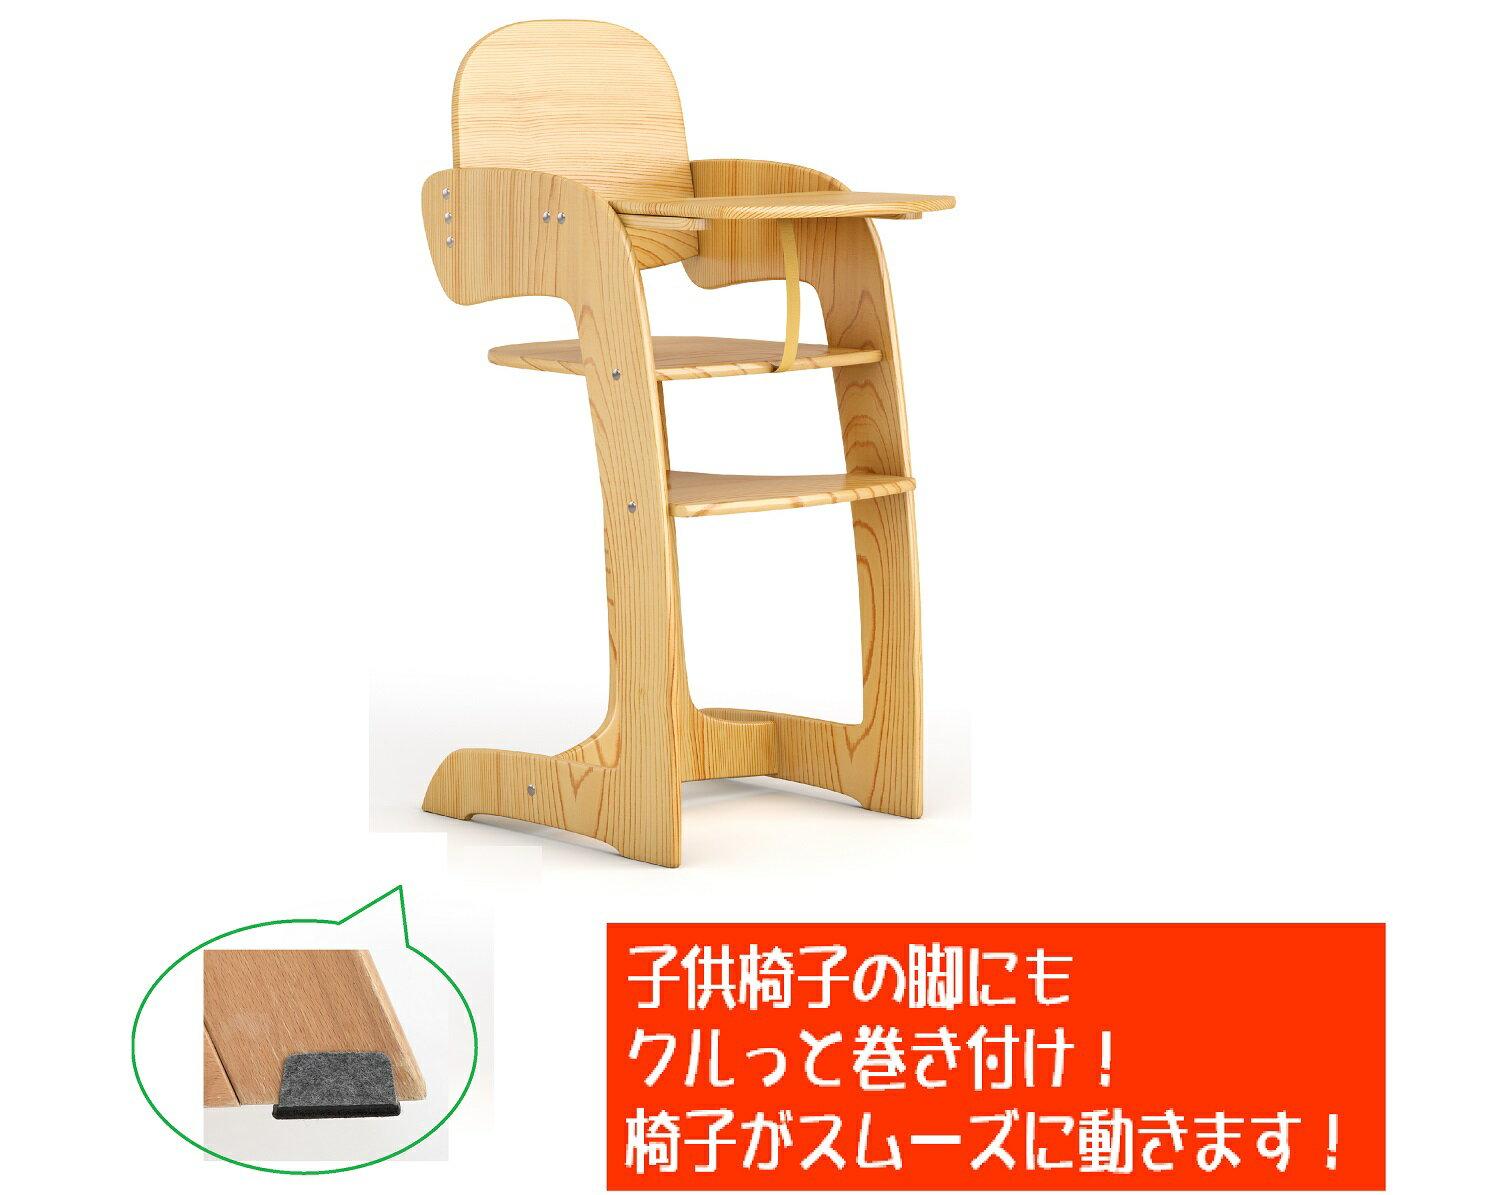 【椅子脚カバー】キングスカバー巻き付けタイプ(パイプ椅子・子供椅子・折りたたみ椅子用)4個セット【イス脚・椅子脚・いす脚・イス脚キャップ・いす・椅子・椅子足・いす足・イス足・キャップ】